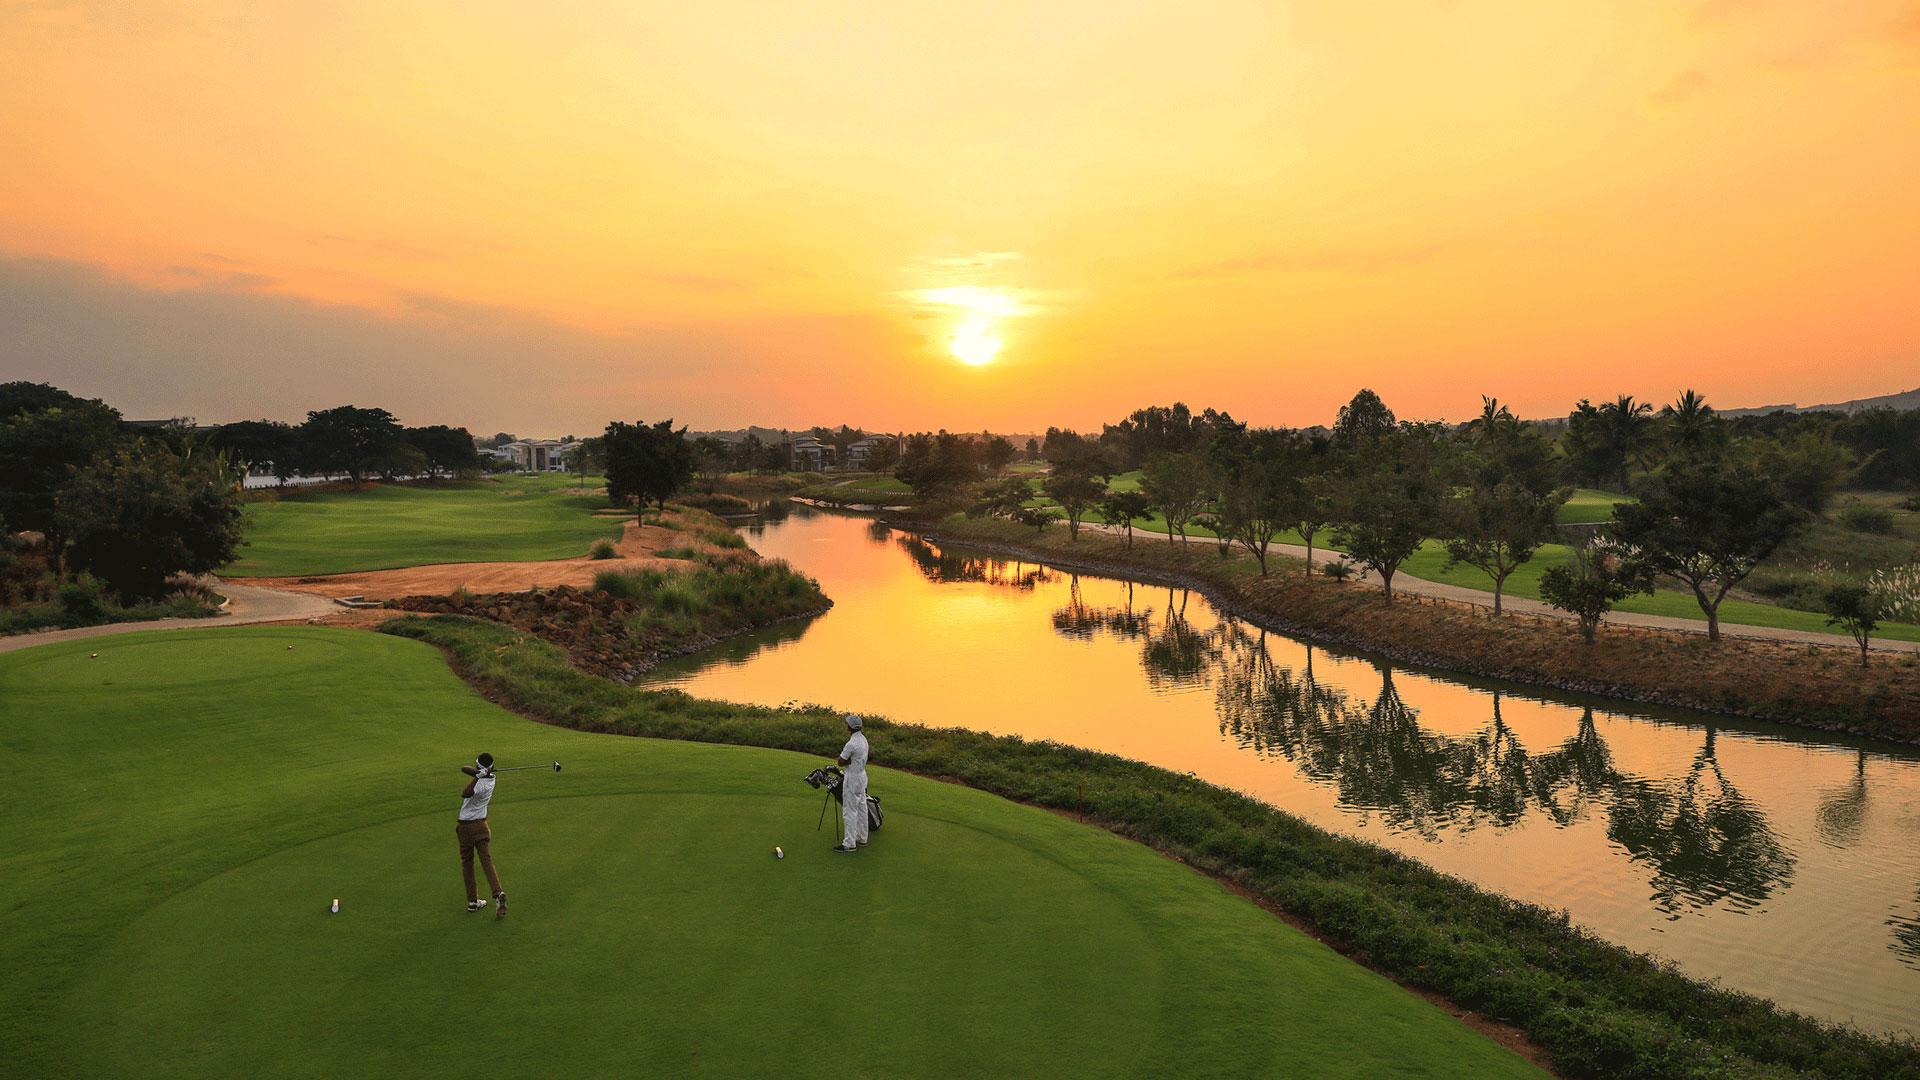 prestige-golfshire-Villas-in-Nandi hills-Bangalore-Image-04